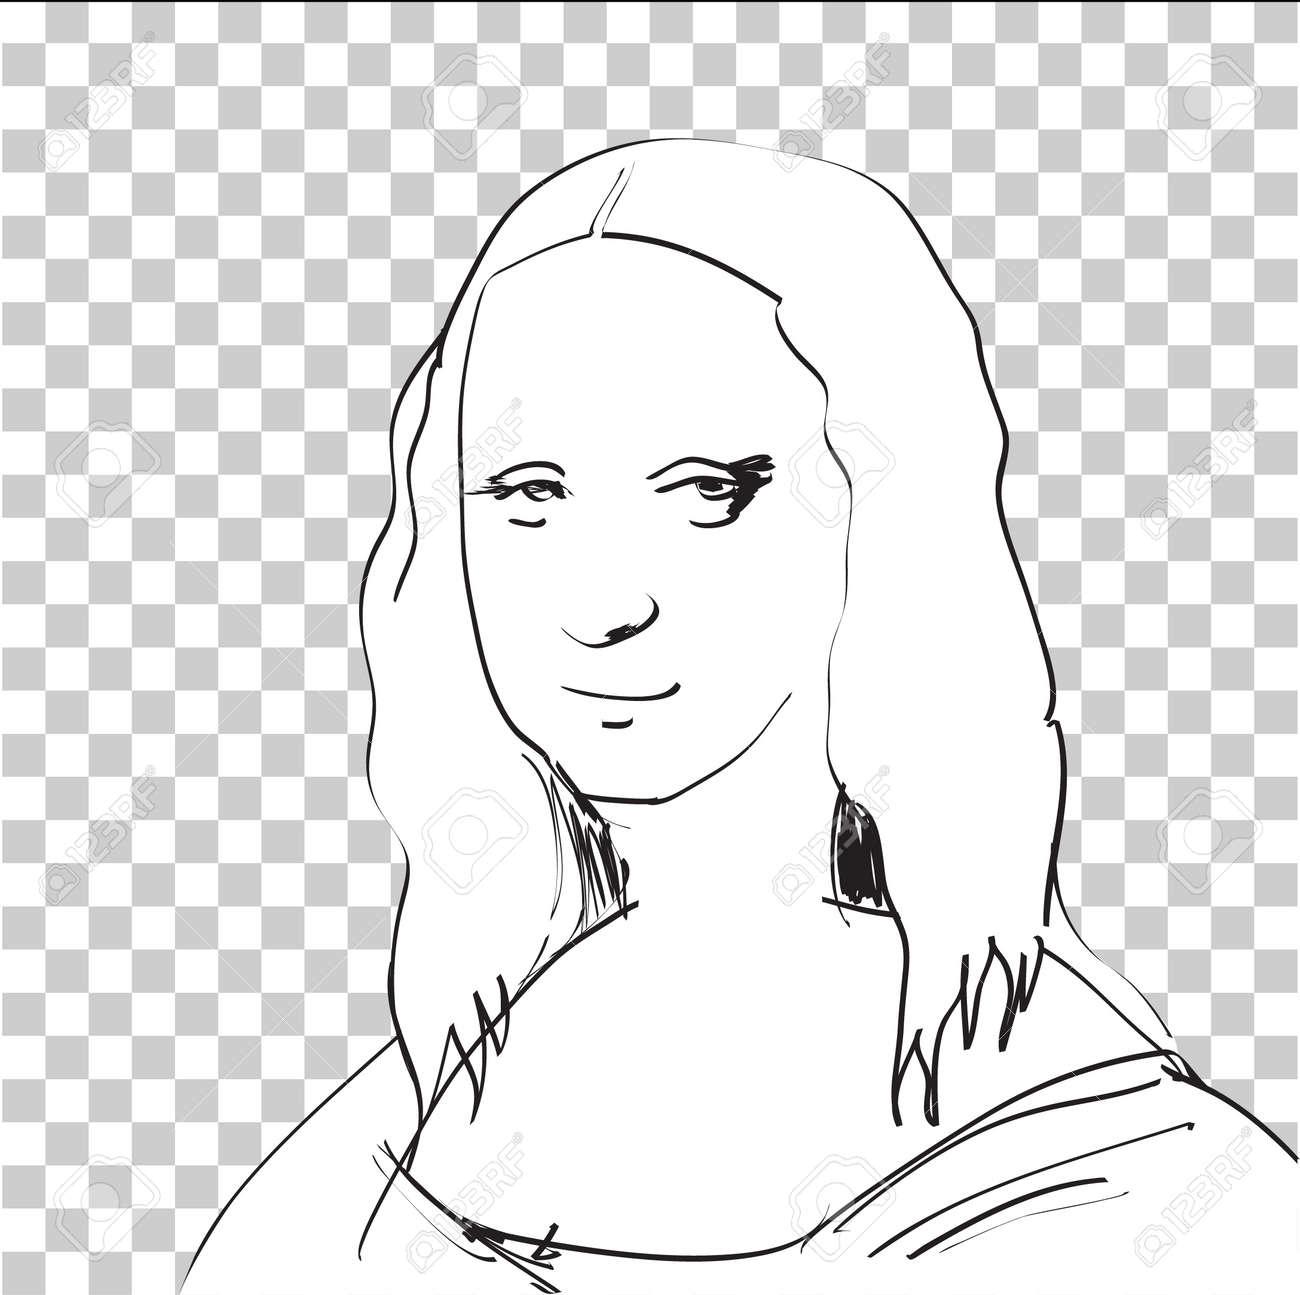 Mona Lisa Sketch in DTP window Stock Vector - 24912131